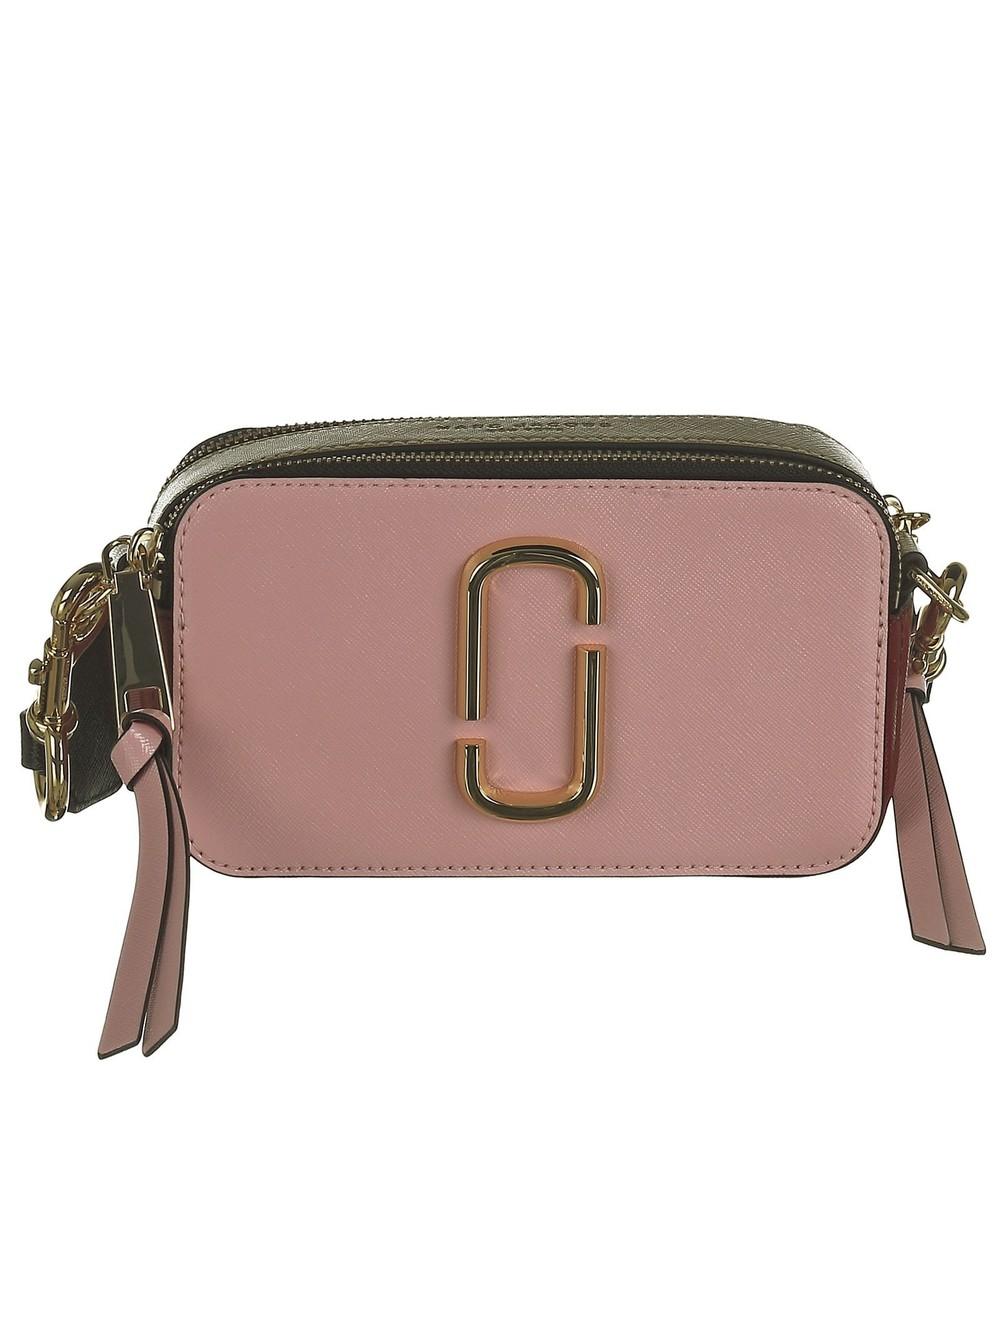 Marc Jacobs Snapshot Camera Shoulder Bag in pink